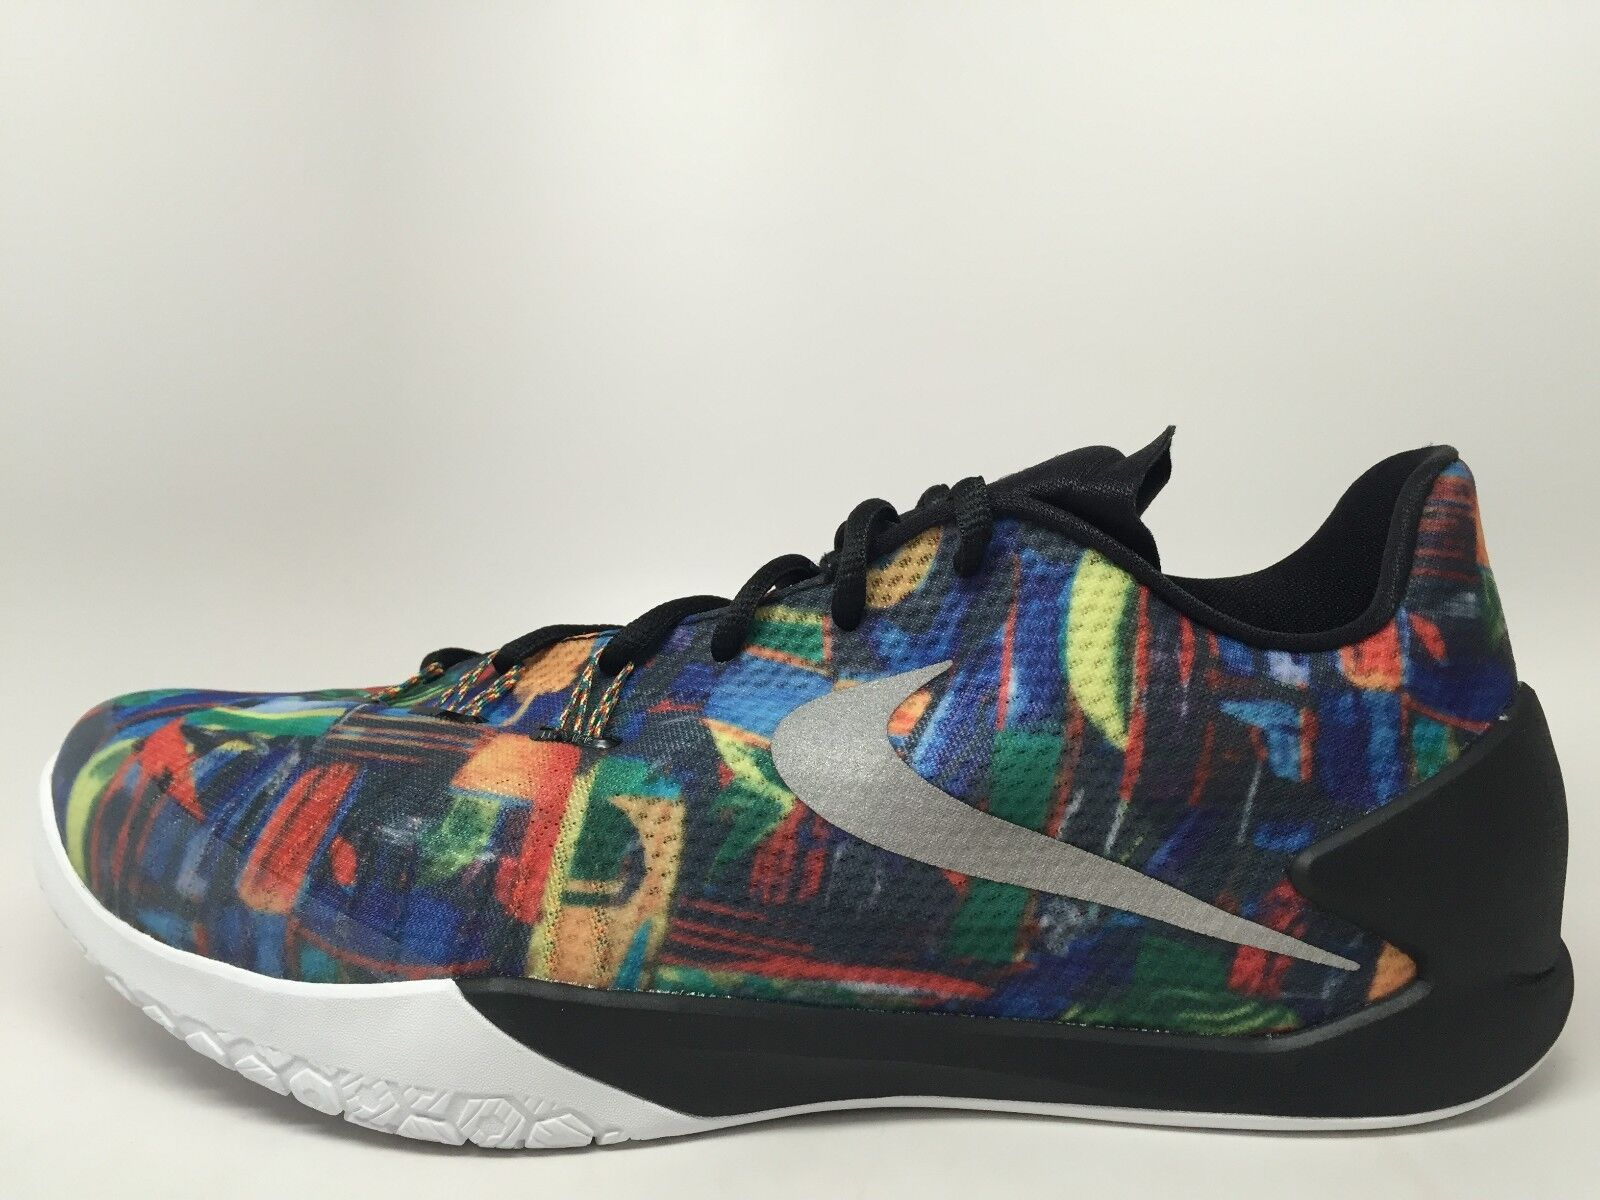 Nike hyperchase sonodiventate società multi - colore netto qs 705369-900 ncs collezionisti 705369-900 qs harden e1c053